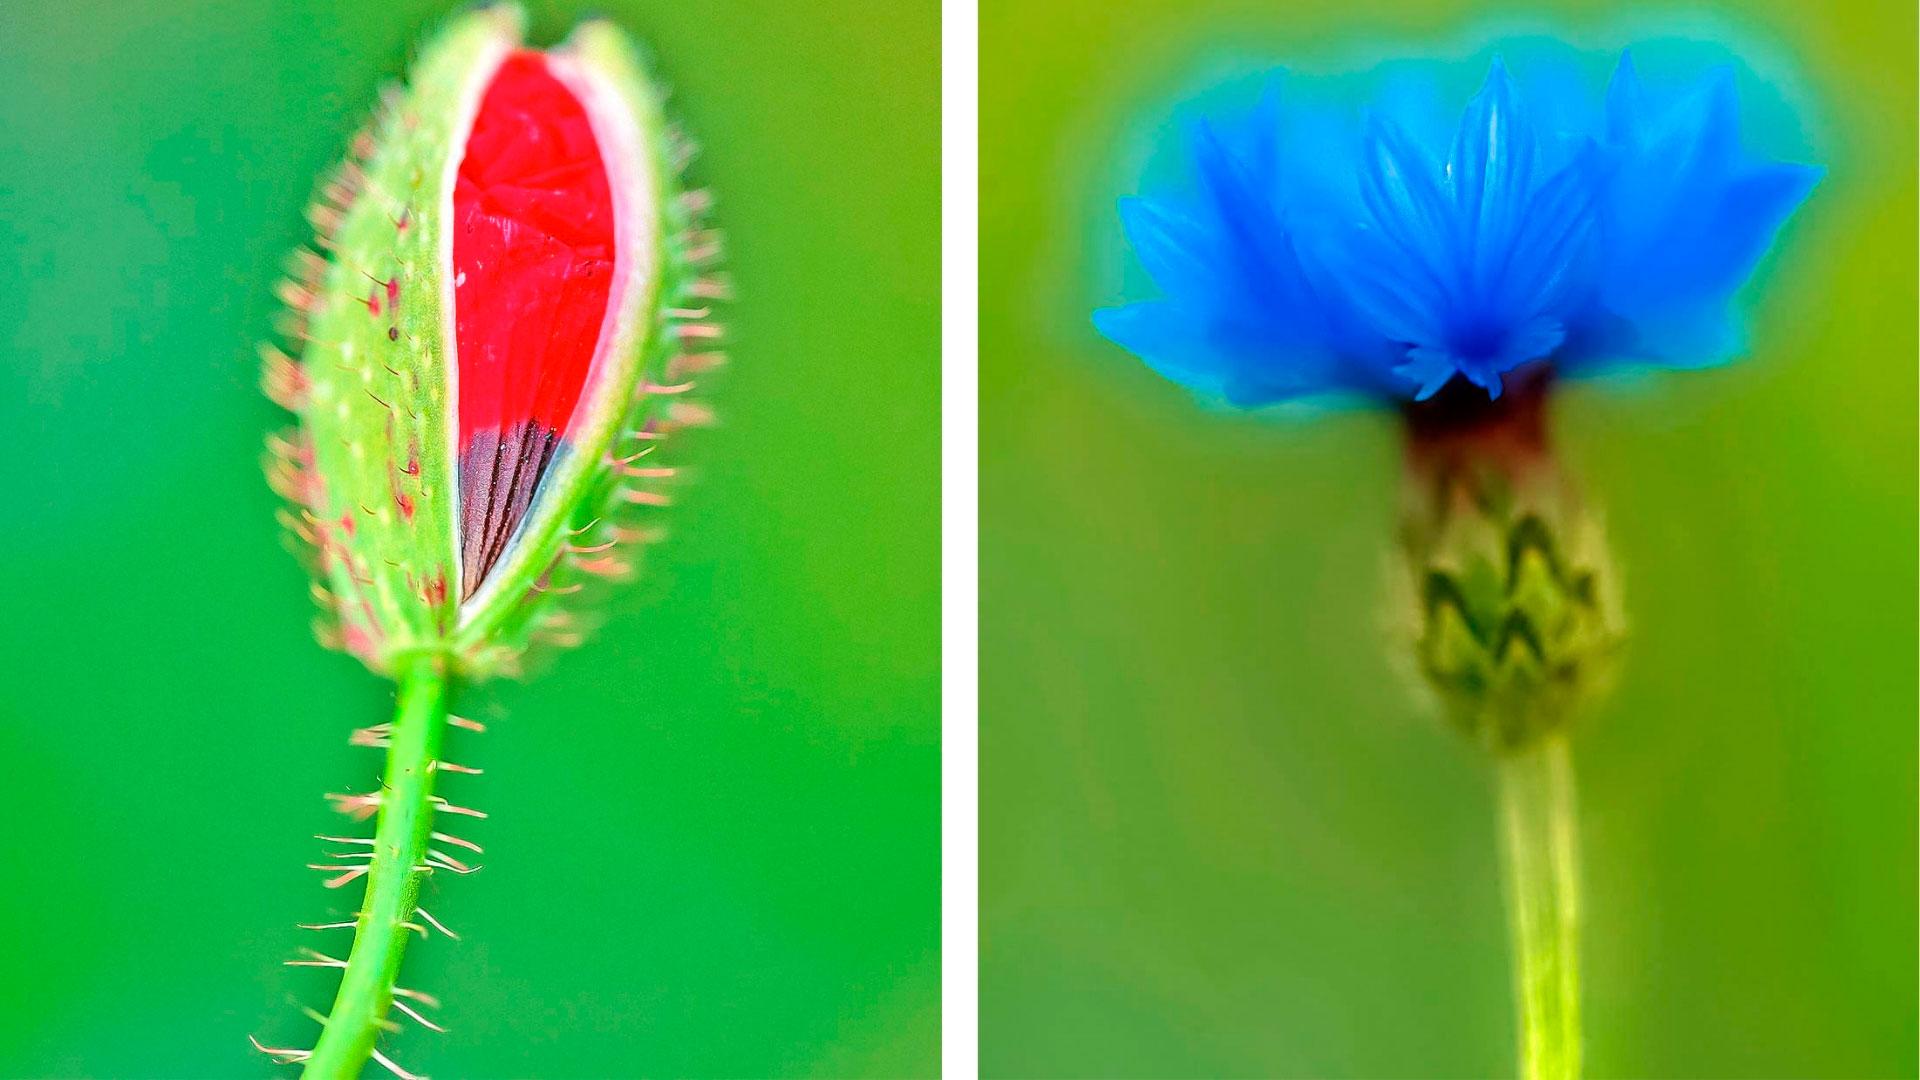 Búzavirág a szem elől